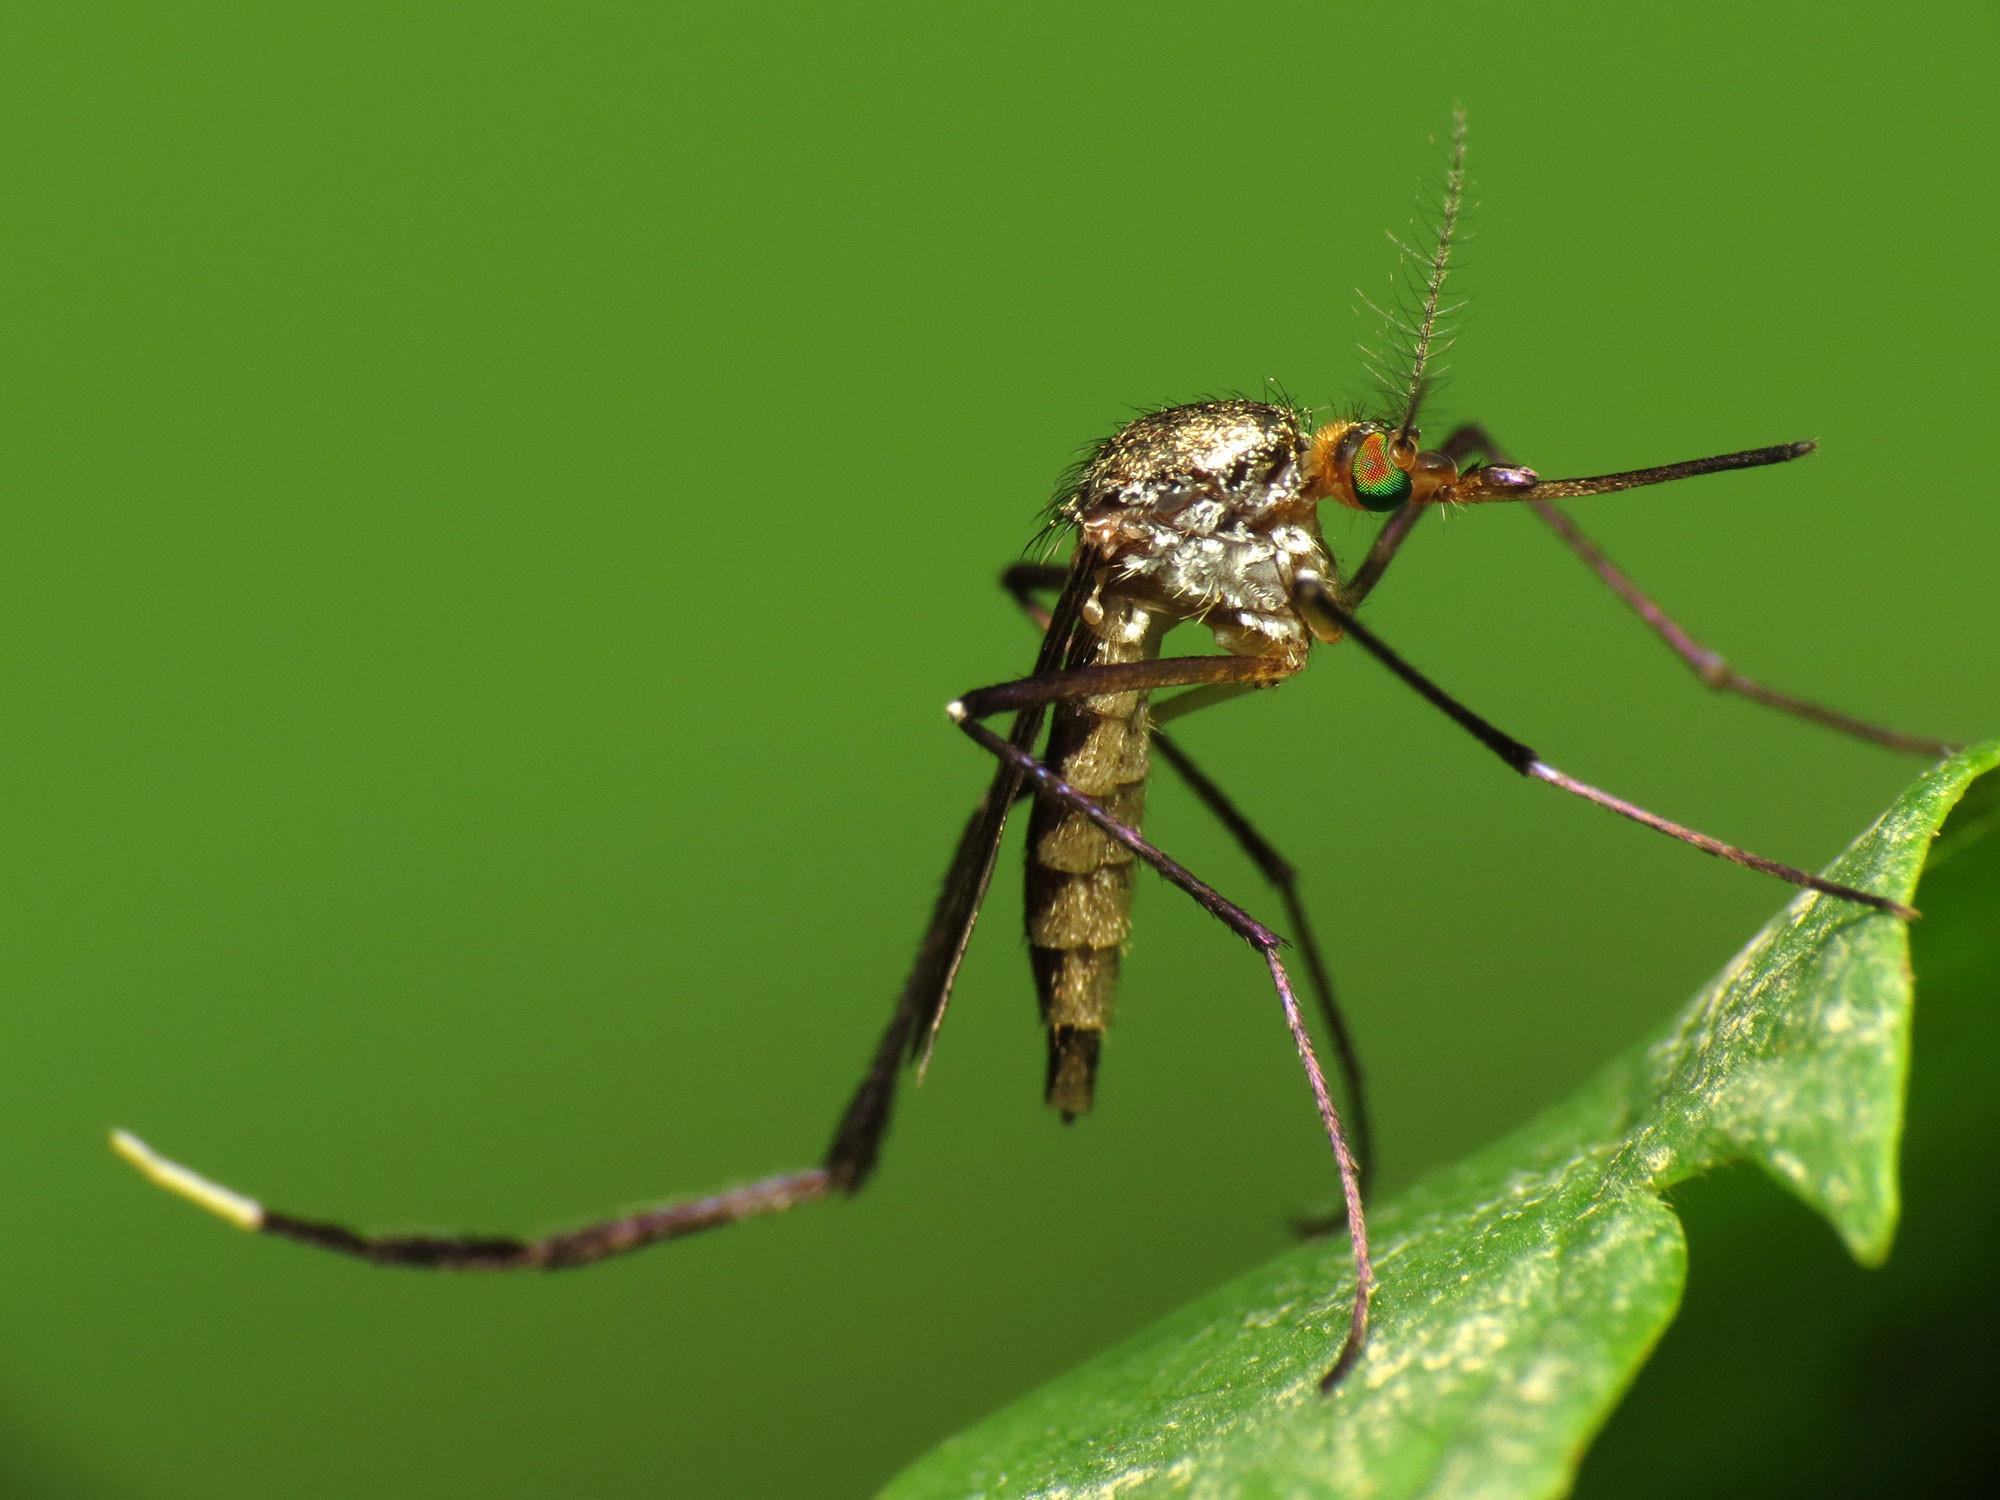 Hiểm họa khi phát hiện muỗi mang hạt nhựa siêu nhỏ làm lây lan sang thực phẩm Ảnh 1